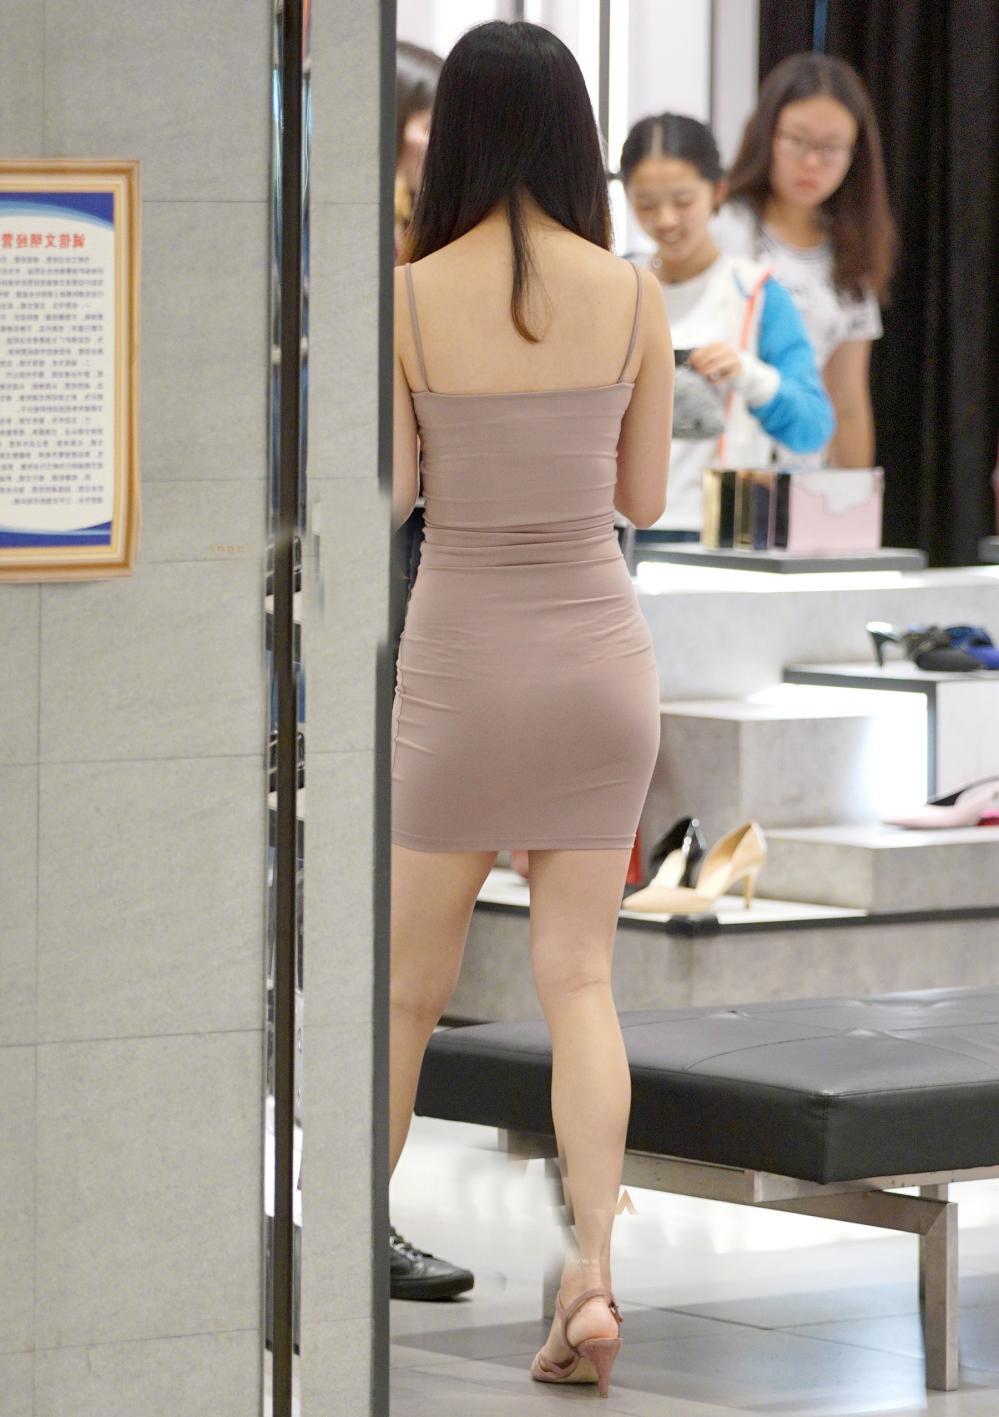 牛仔裤: 百搭经典又显瘦穿出你的迷人背影 8